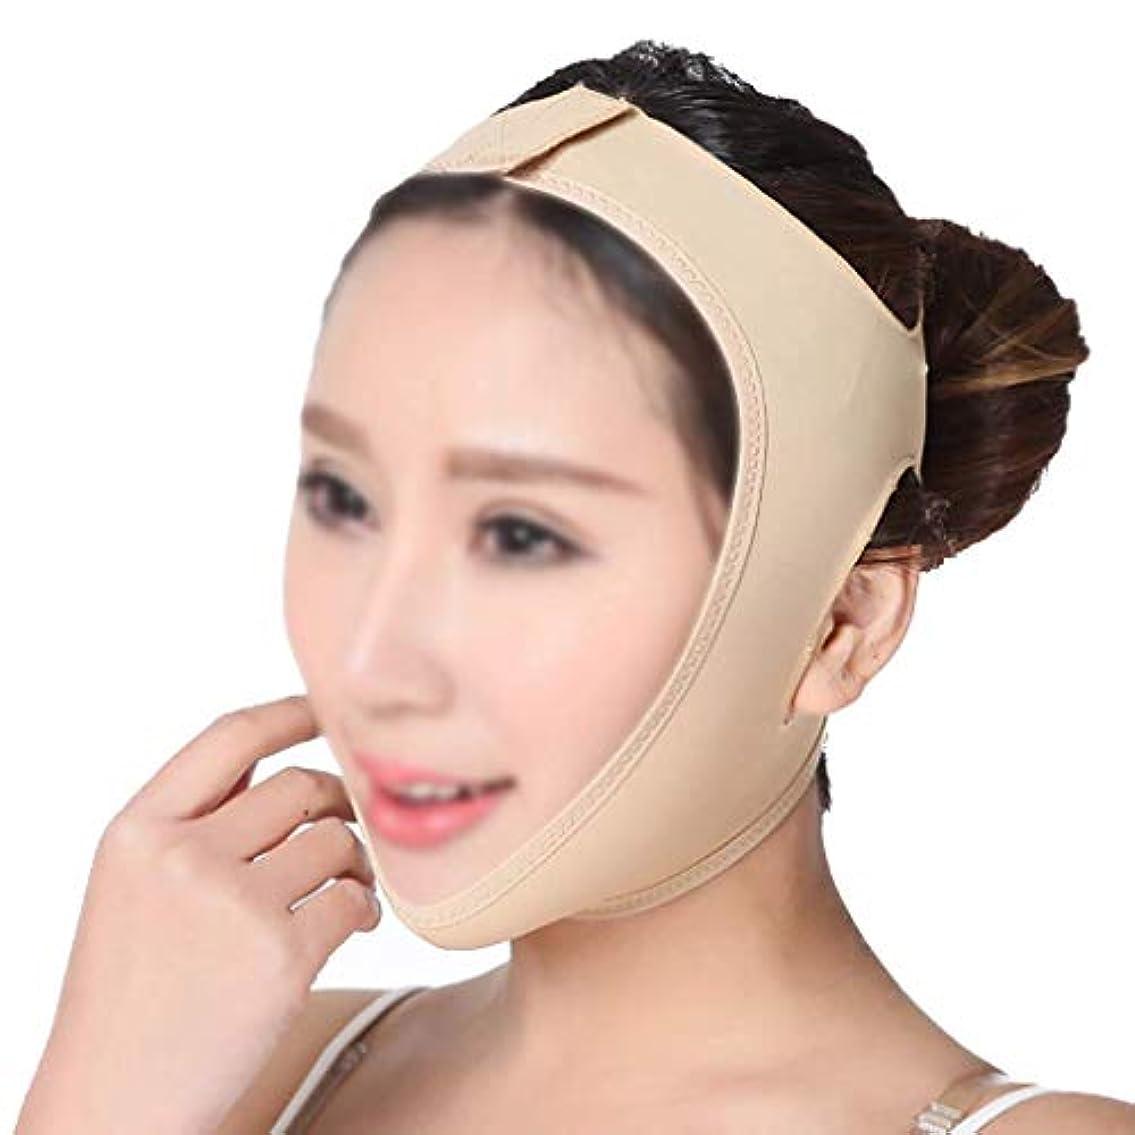 フェイスリフティングマスク、リフティングチン、フェイシャルスキン、頬垂れ防止、快適で 生地、詰まることを拒否、着用が簡単(サイズ:M),ザ?